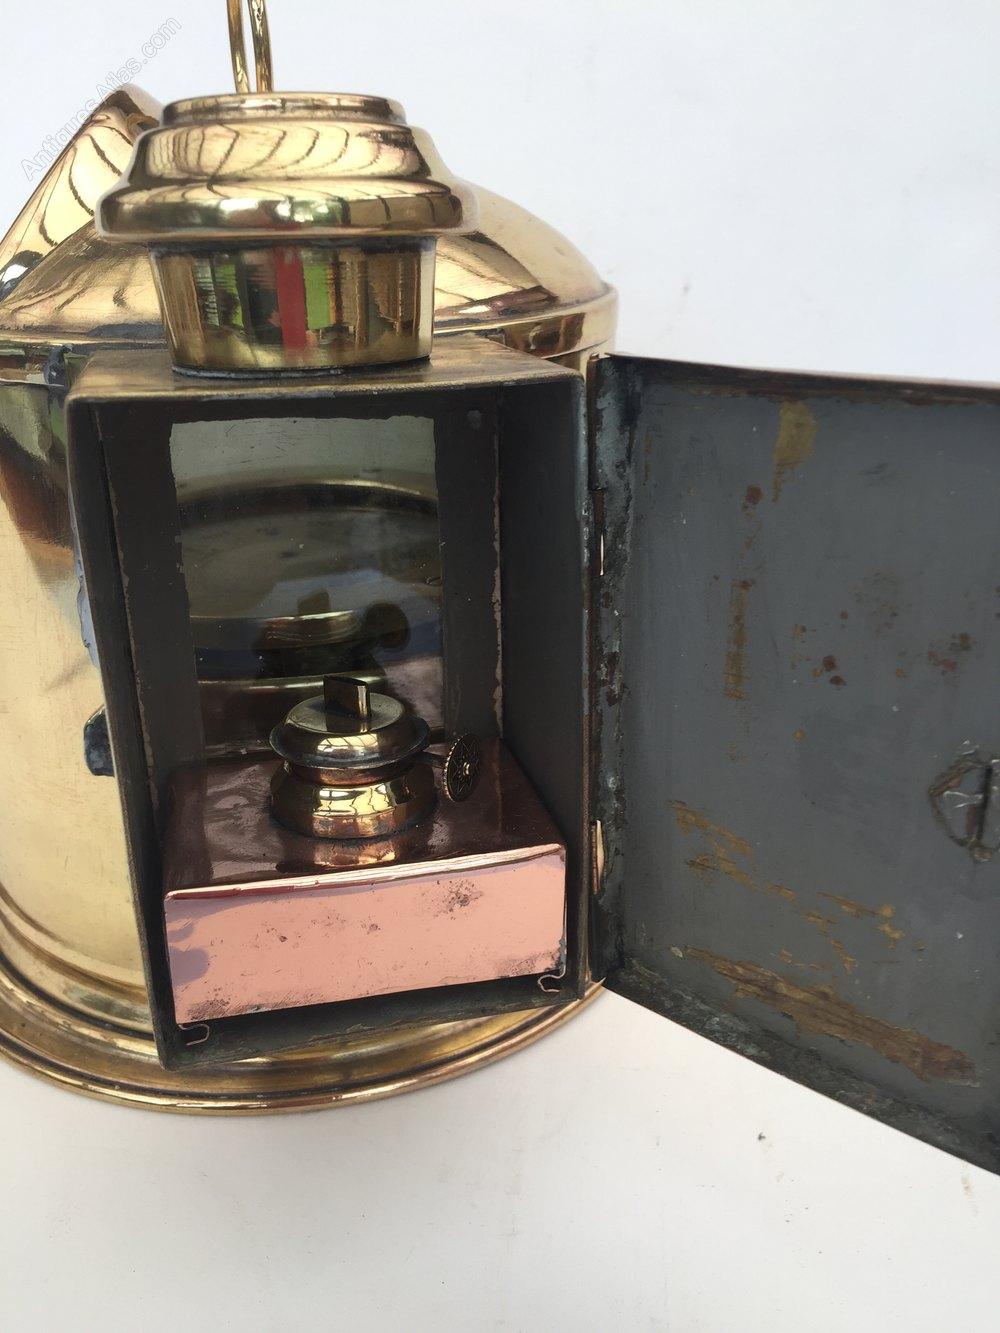 Antique 1800s Nautical Ship Binnacle Compass | Etsy